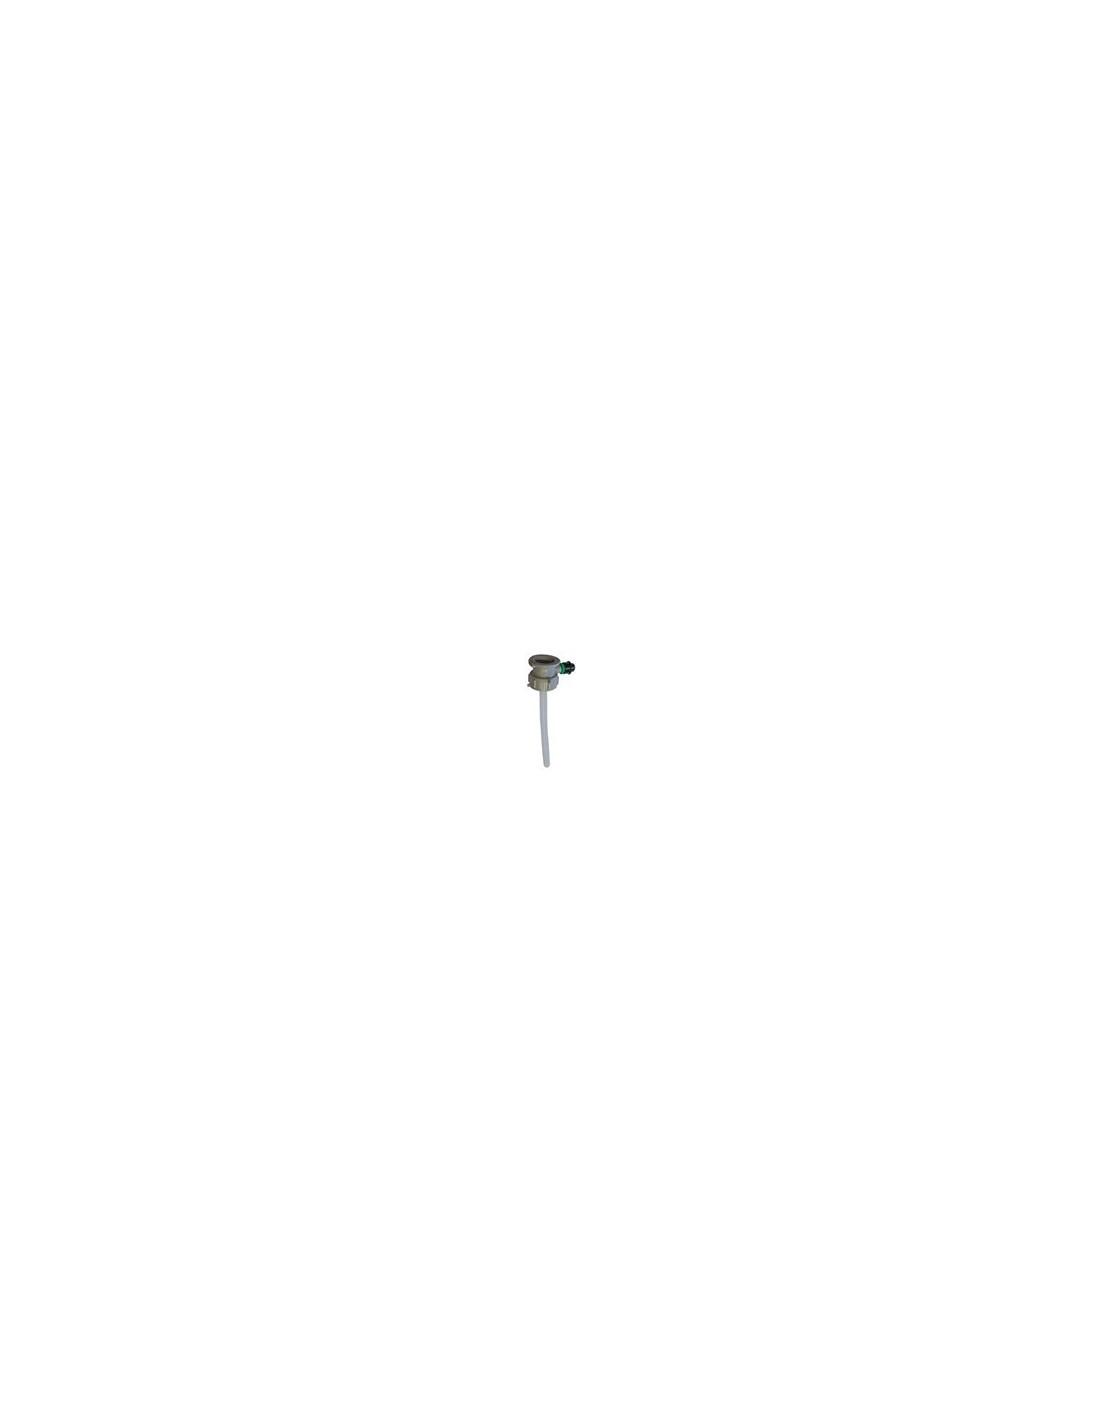 UPP00035 - Spolanstickare typ-D till 5L rengöringskärl